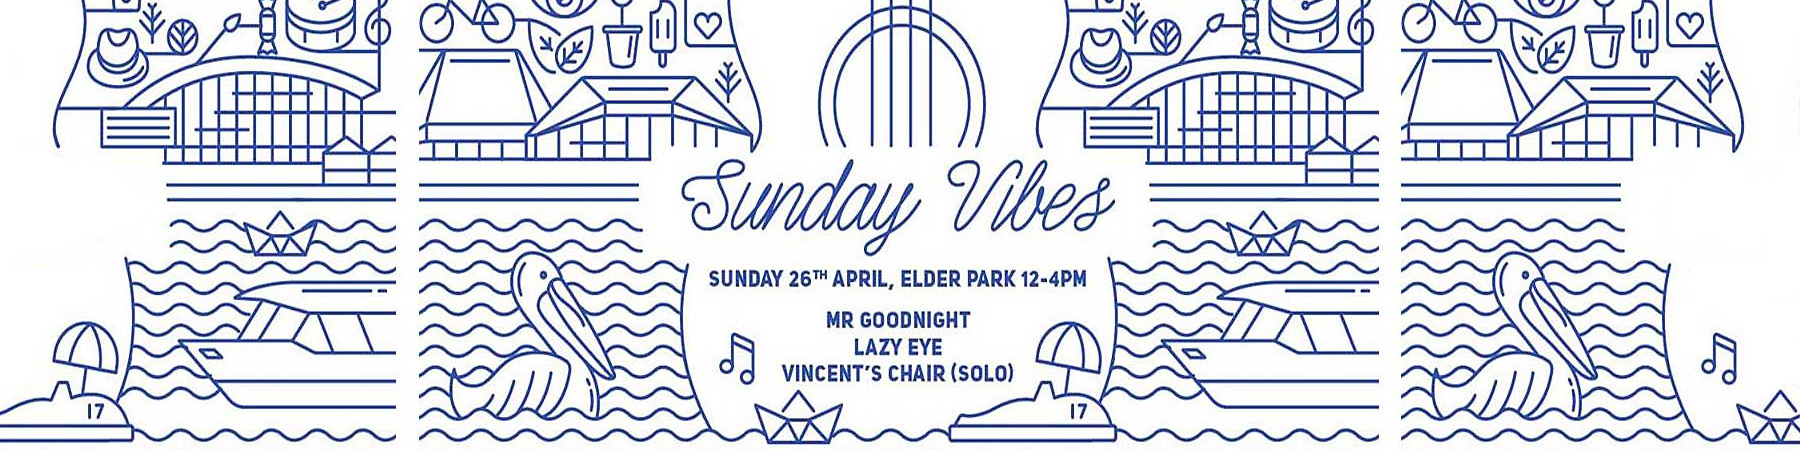 music sa and the riverbank precinct present sunday vibes